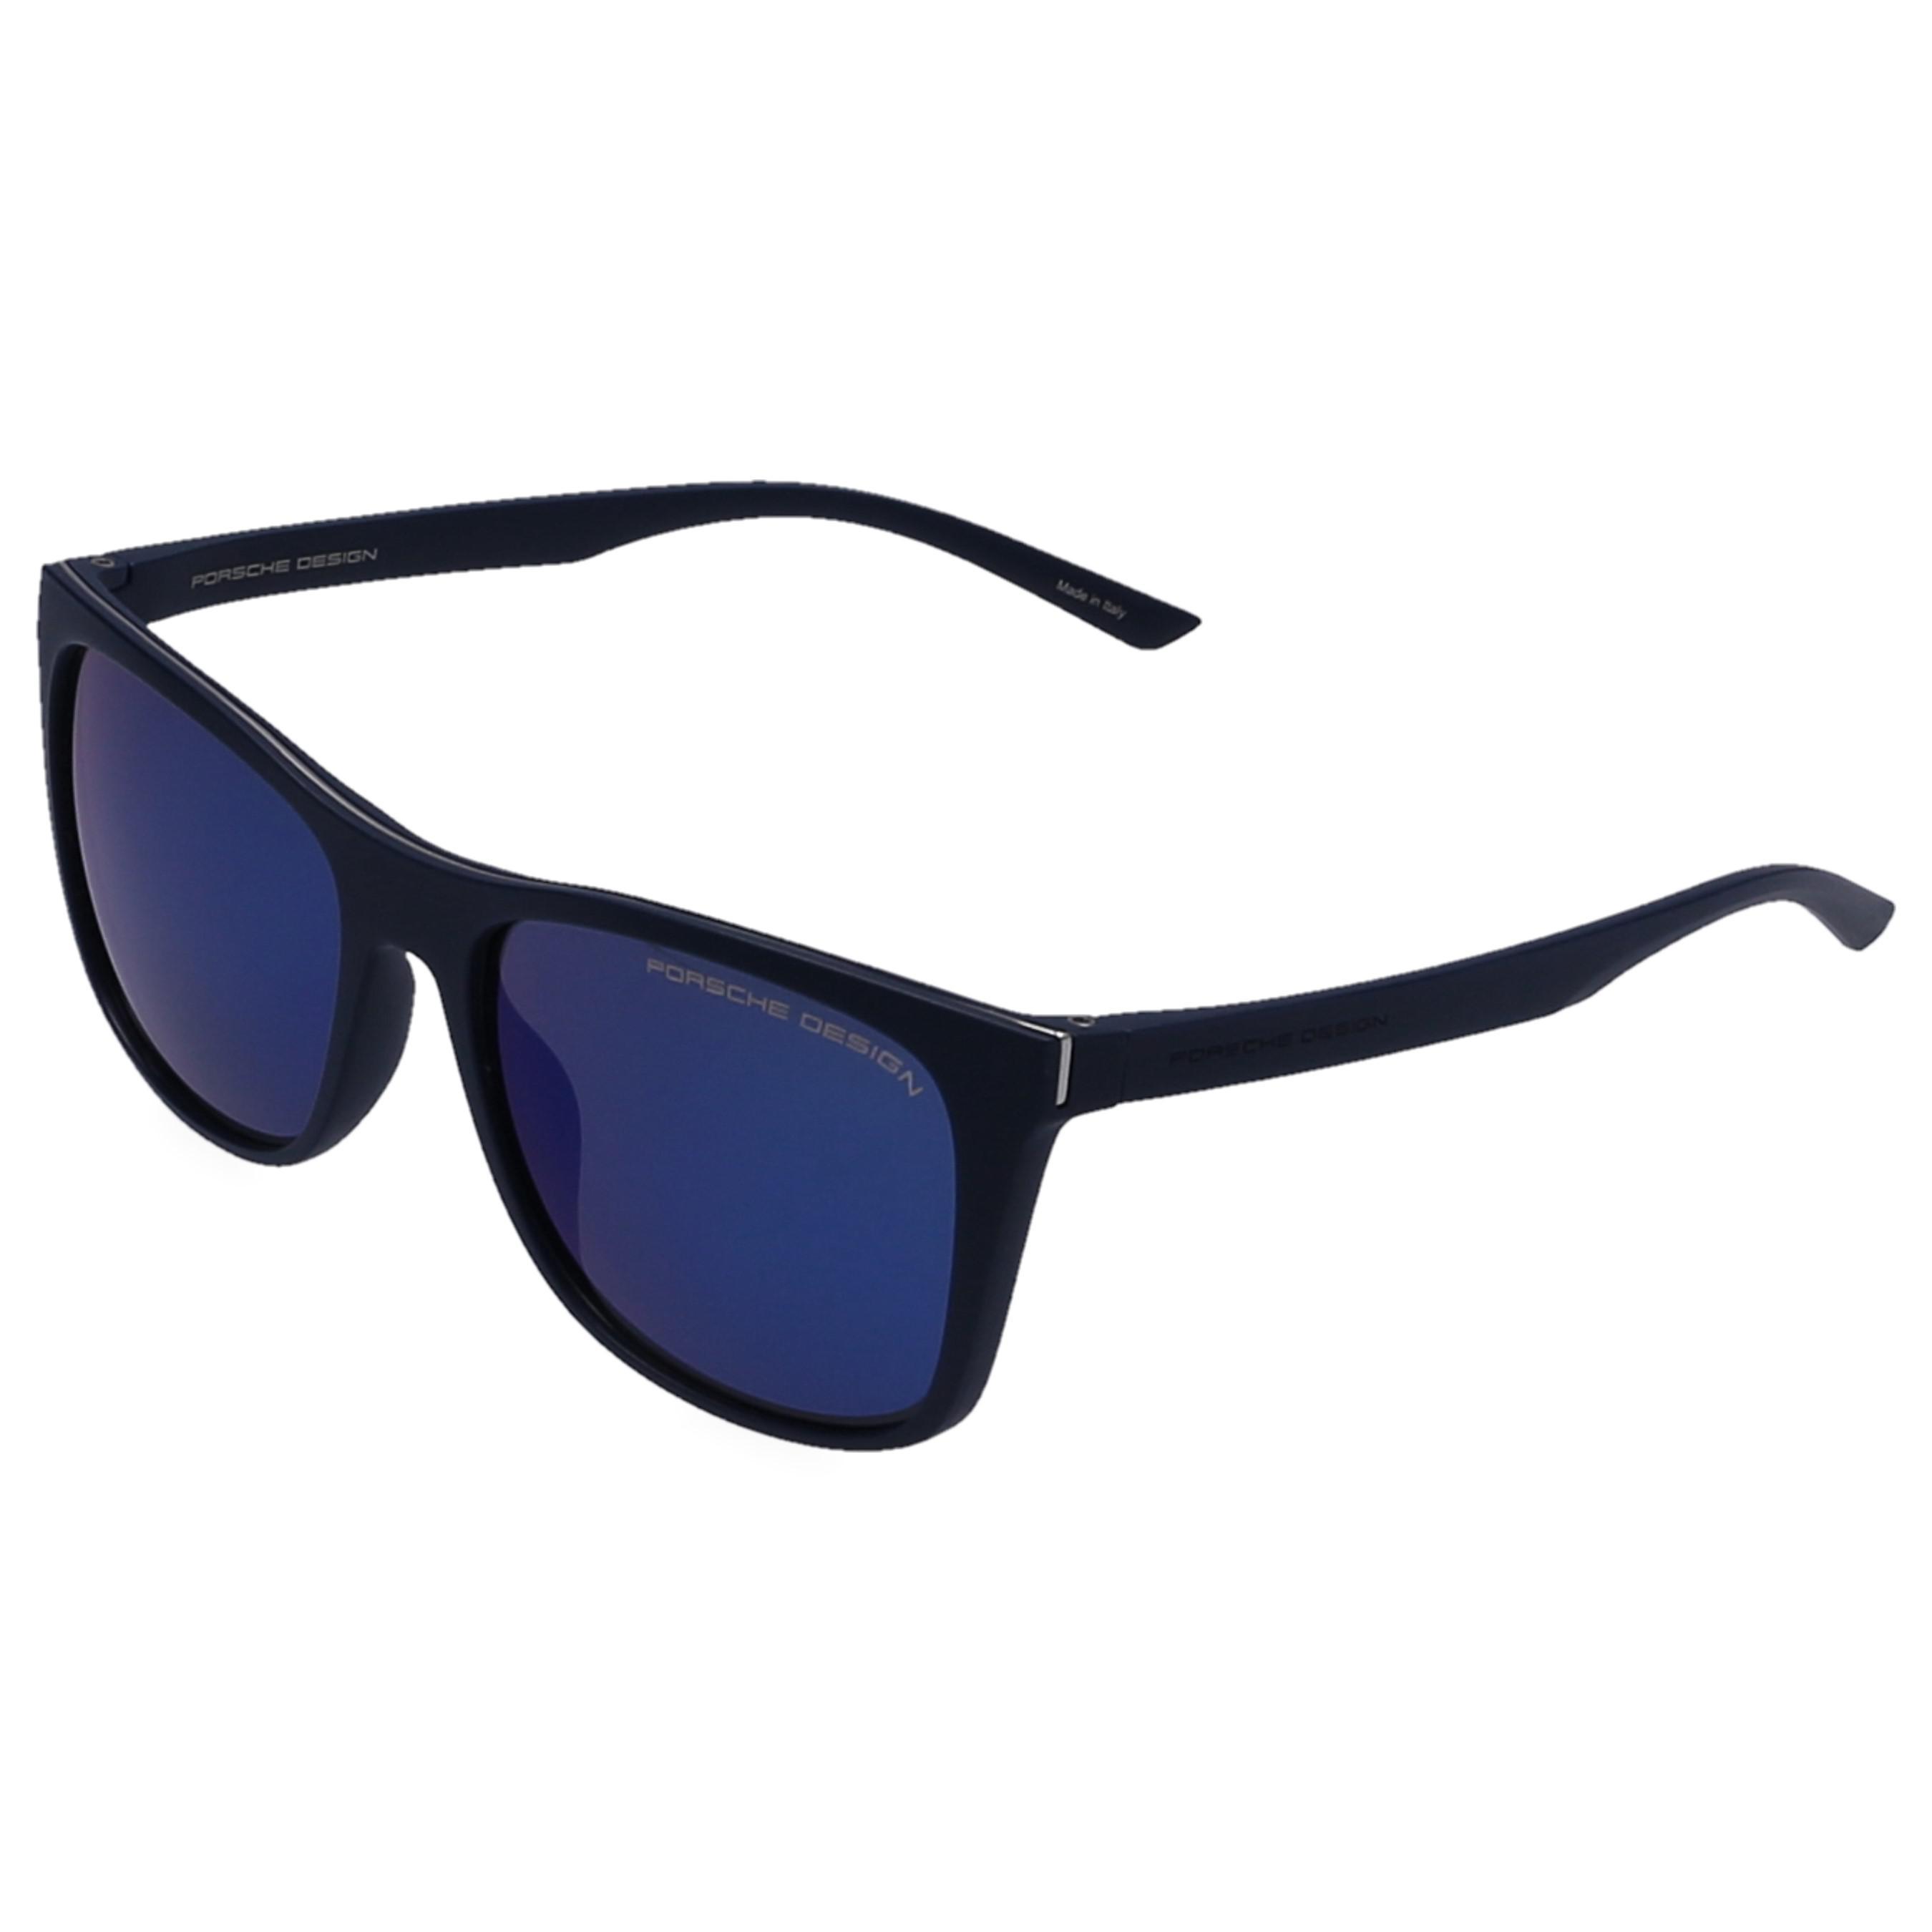 0241a36da90 Porsche Design - Multicolor Sunglasses Square 8648 Mirrored Acetate Blue for  Men - Lyst. View fullscreen